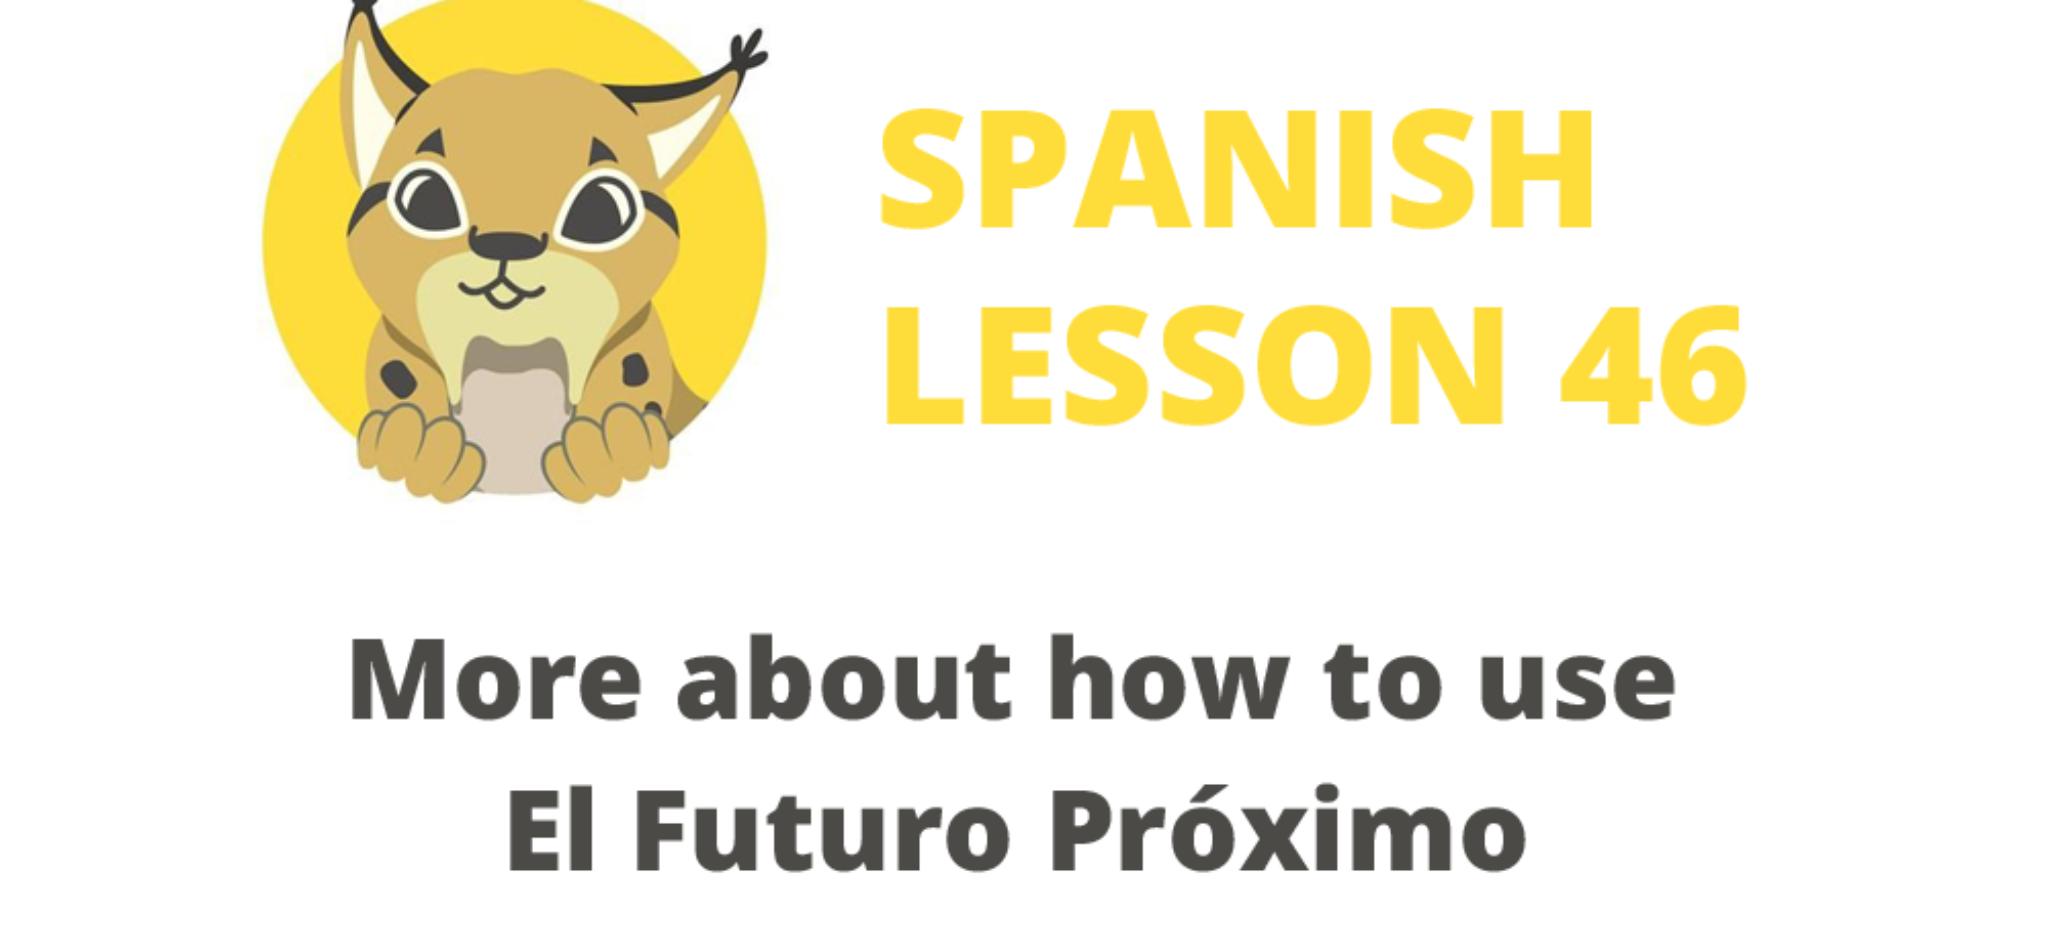 How to use El Futuro Próximo